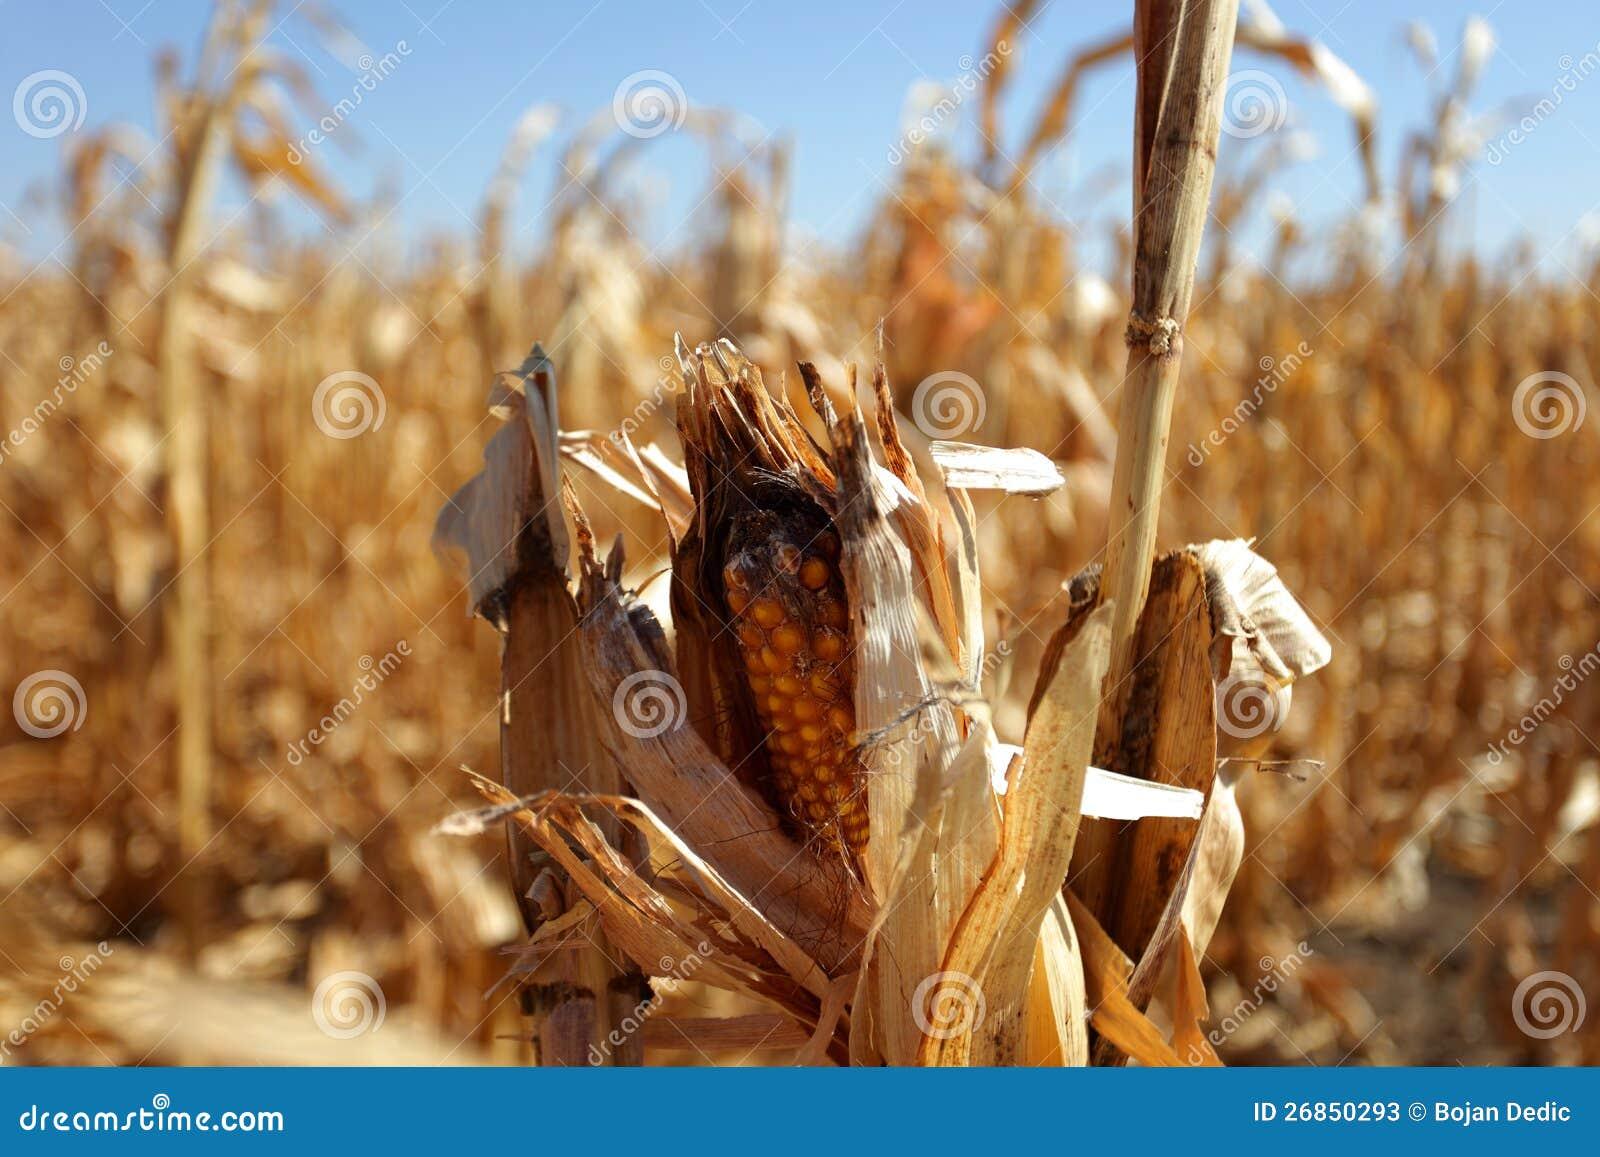 Σπάδικας καλαμποκιού και ξηρασία